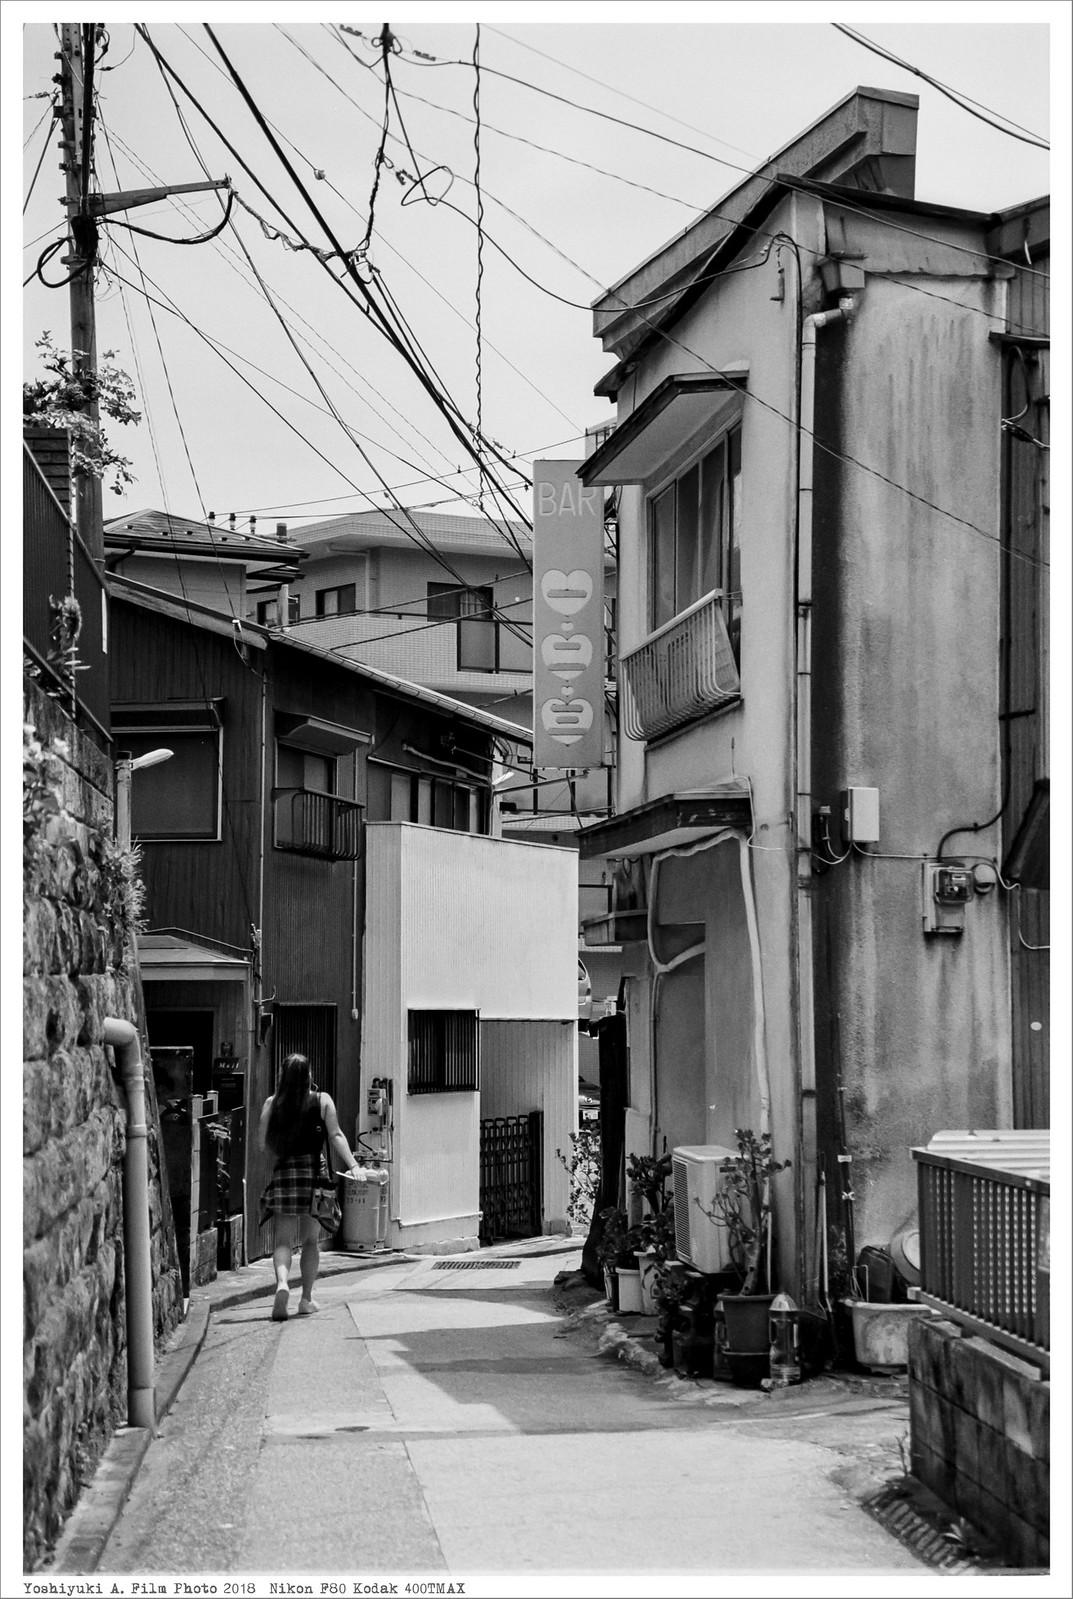 神奈川県横須賀市船越町 Nikon_F80_Kodak_400TMAX__41